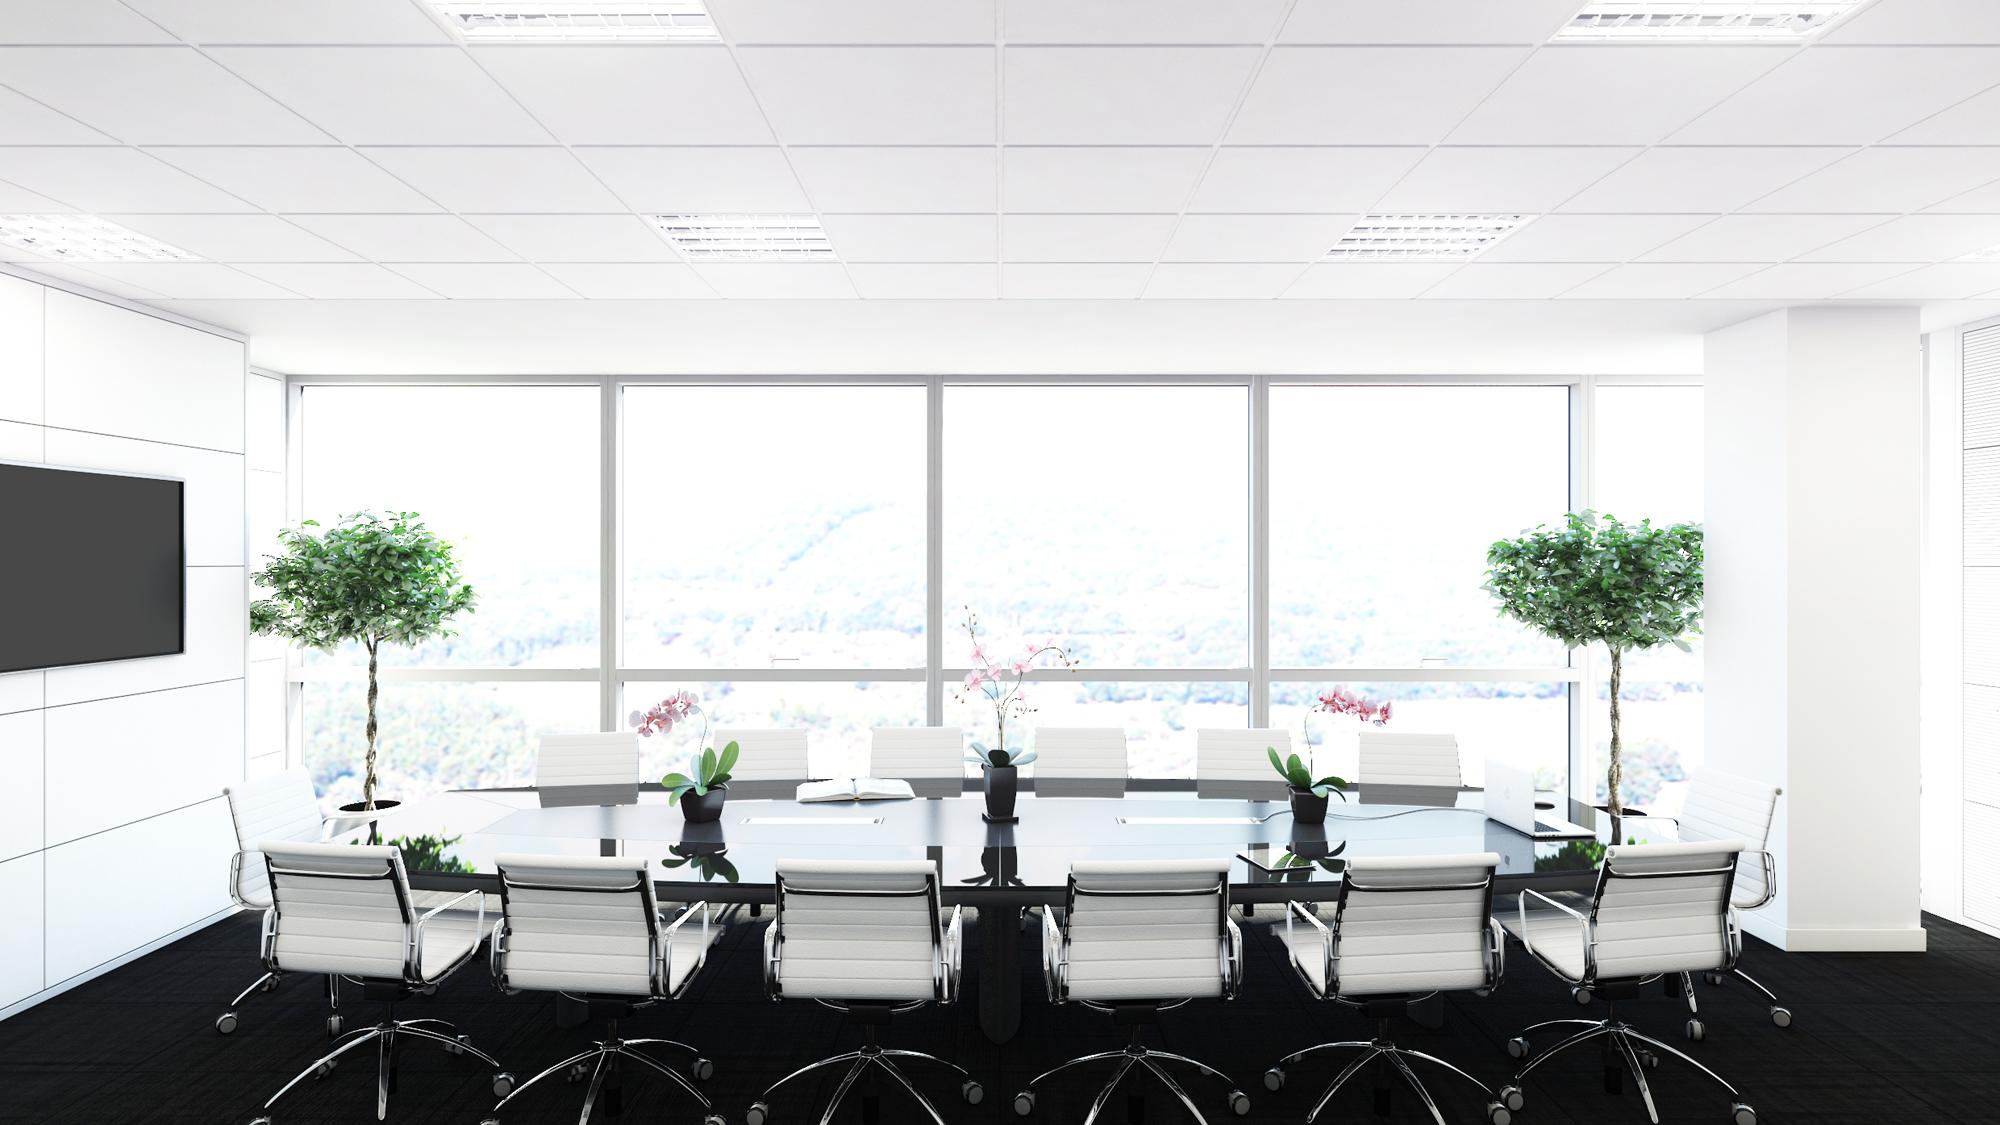 Sala riunioni tre torri brescia 2015 guido cottino for Sala riunioni